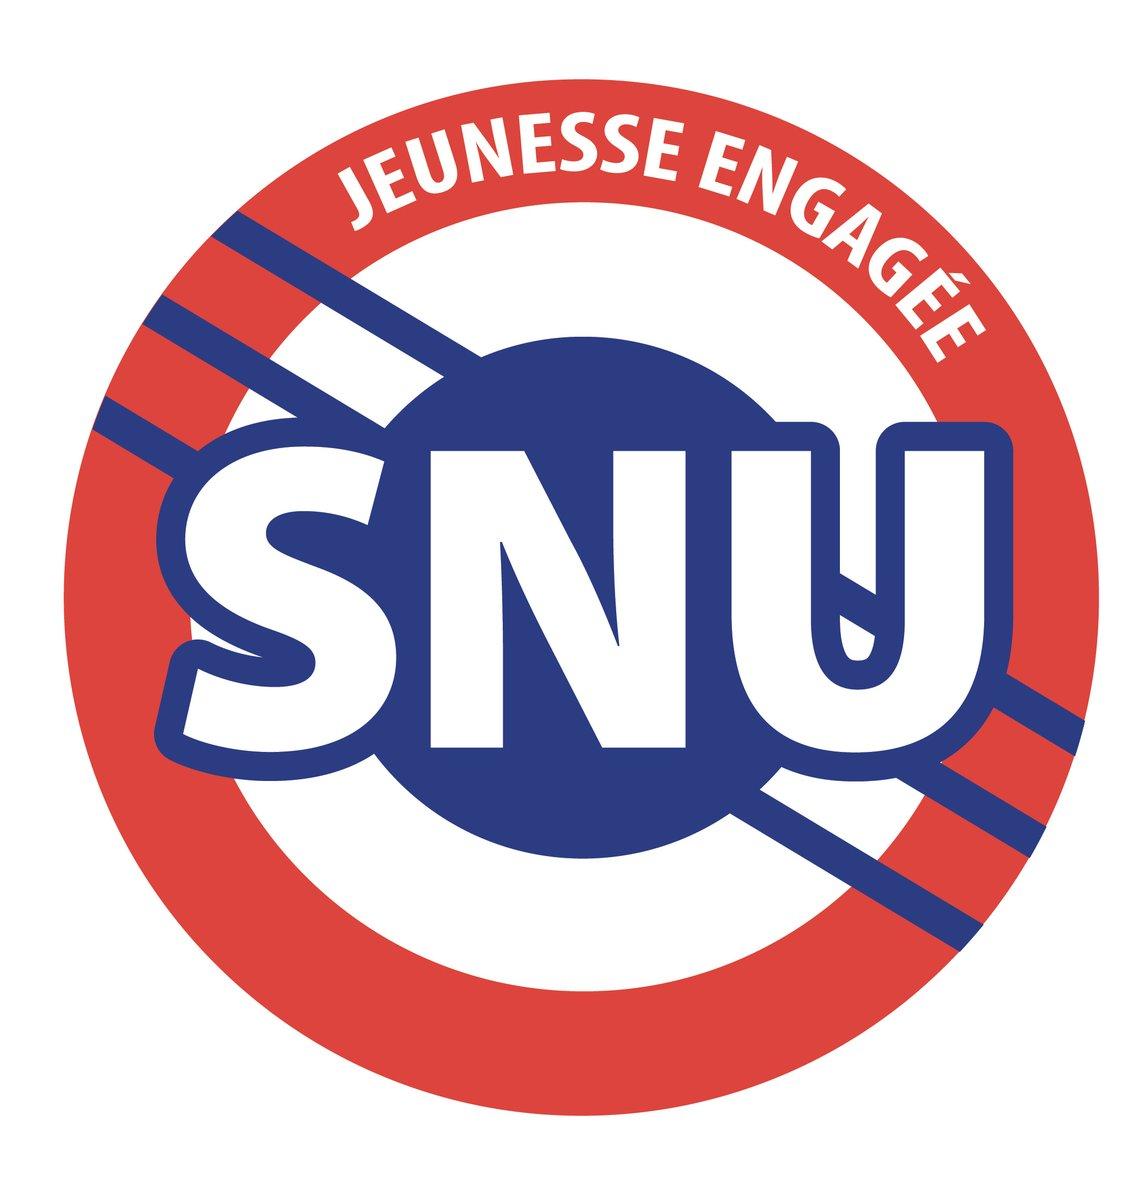 [Service National Universel] Vous avez entre 15 et 17 ans et vous souhaitez faire partie des 30 000 jeunes volontaires du #SNU ? Vous avez jusqu'au  avril pour vous inscrire sur le site http://snu.gouv.fr Plus d'infos ici http://www.aveyron.gouv.fr/le-service-national-universel-snu-a6986.html…pic.twitter.com/7r1fWm2leu